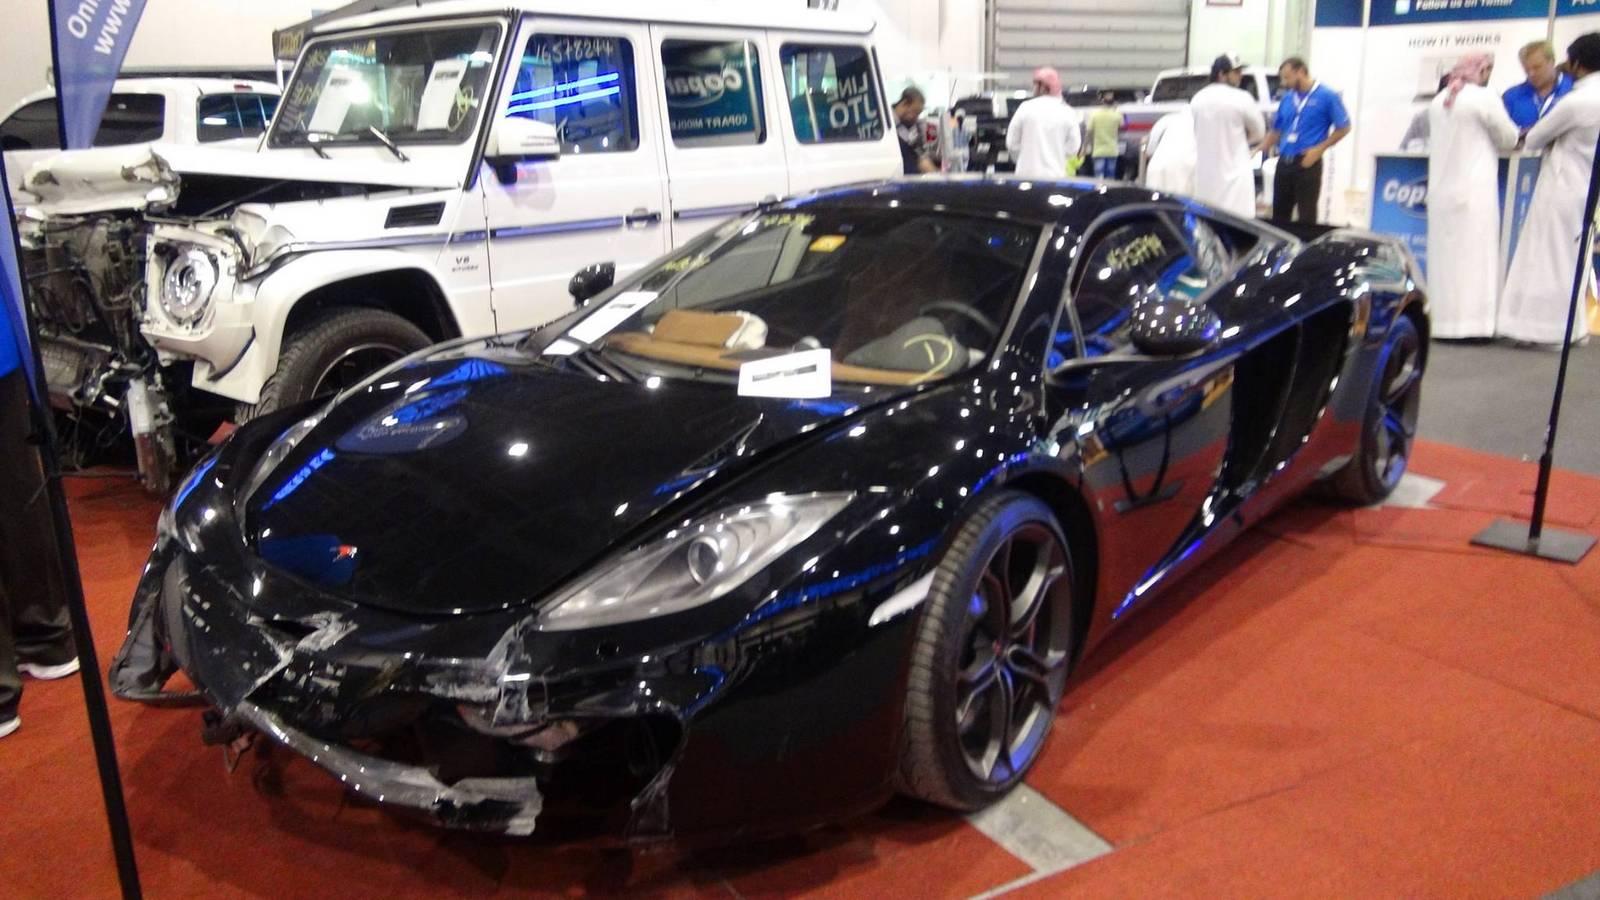 Wrecked McLaren 12C Up for Sale - GTspirit